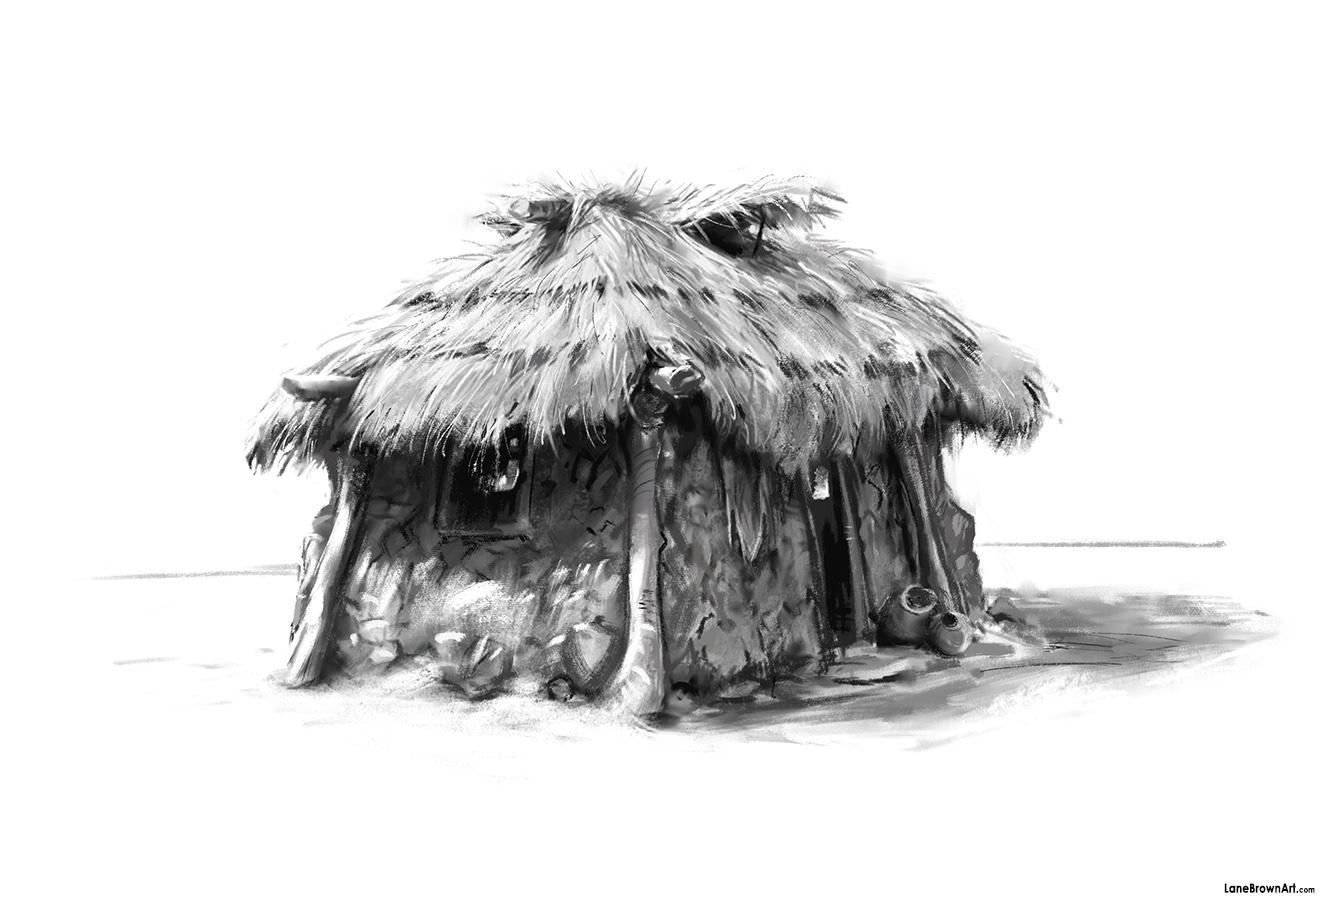 Mud Hut by Wildweasel339 on DeviantArt